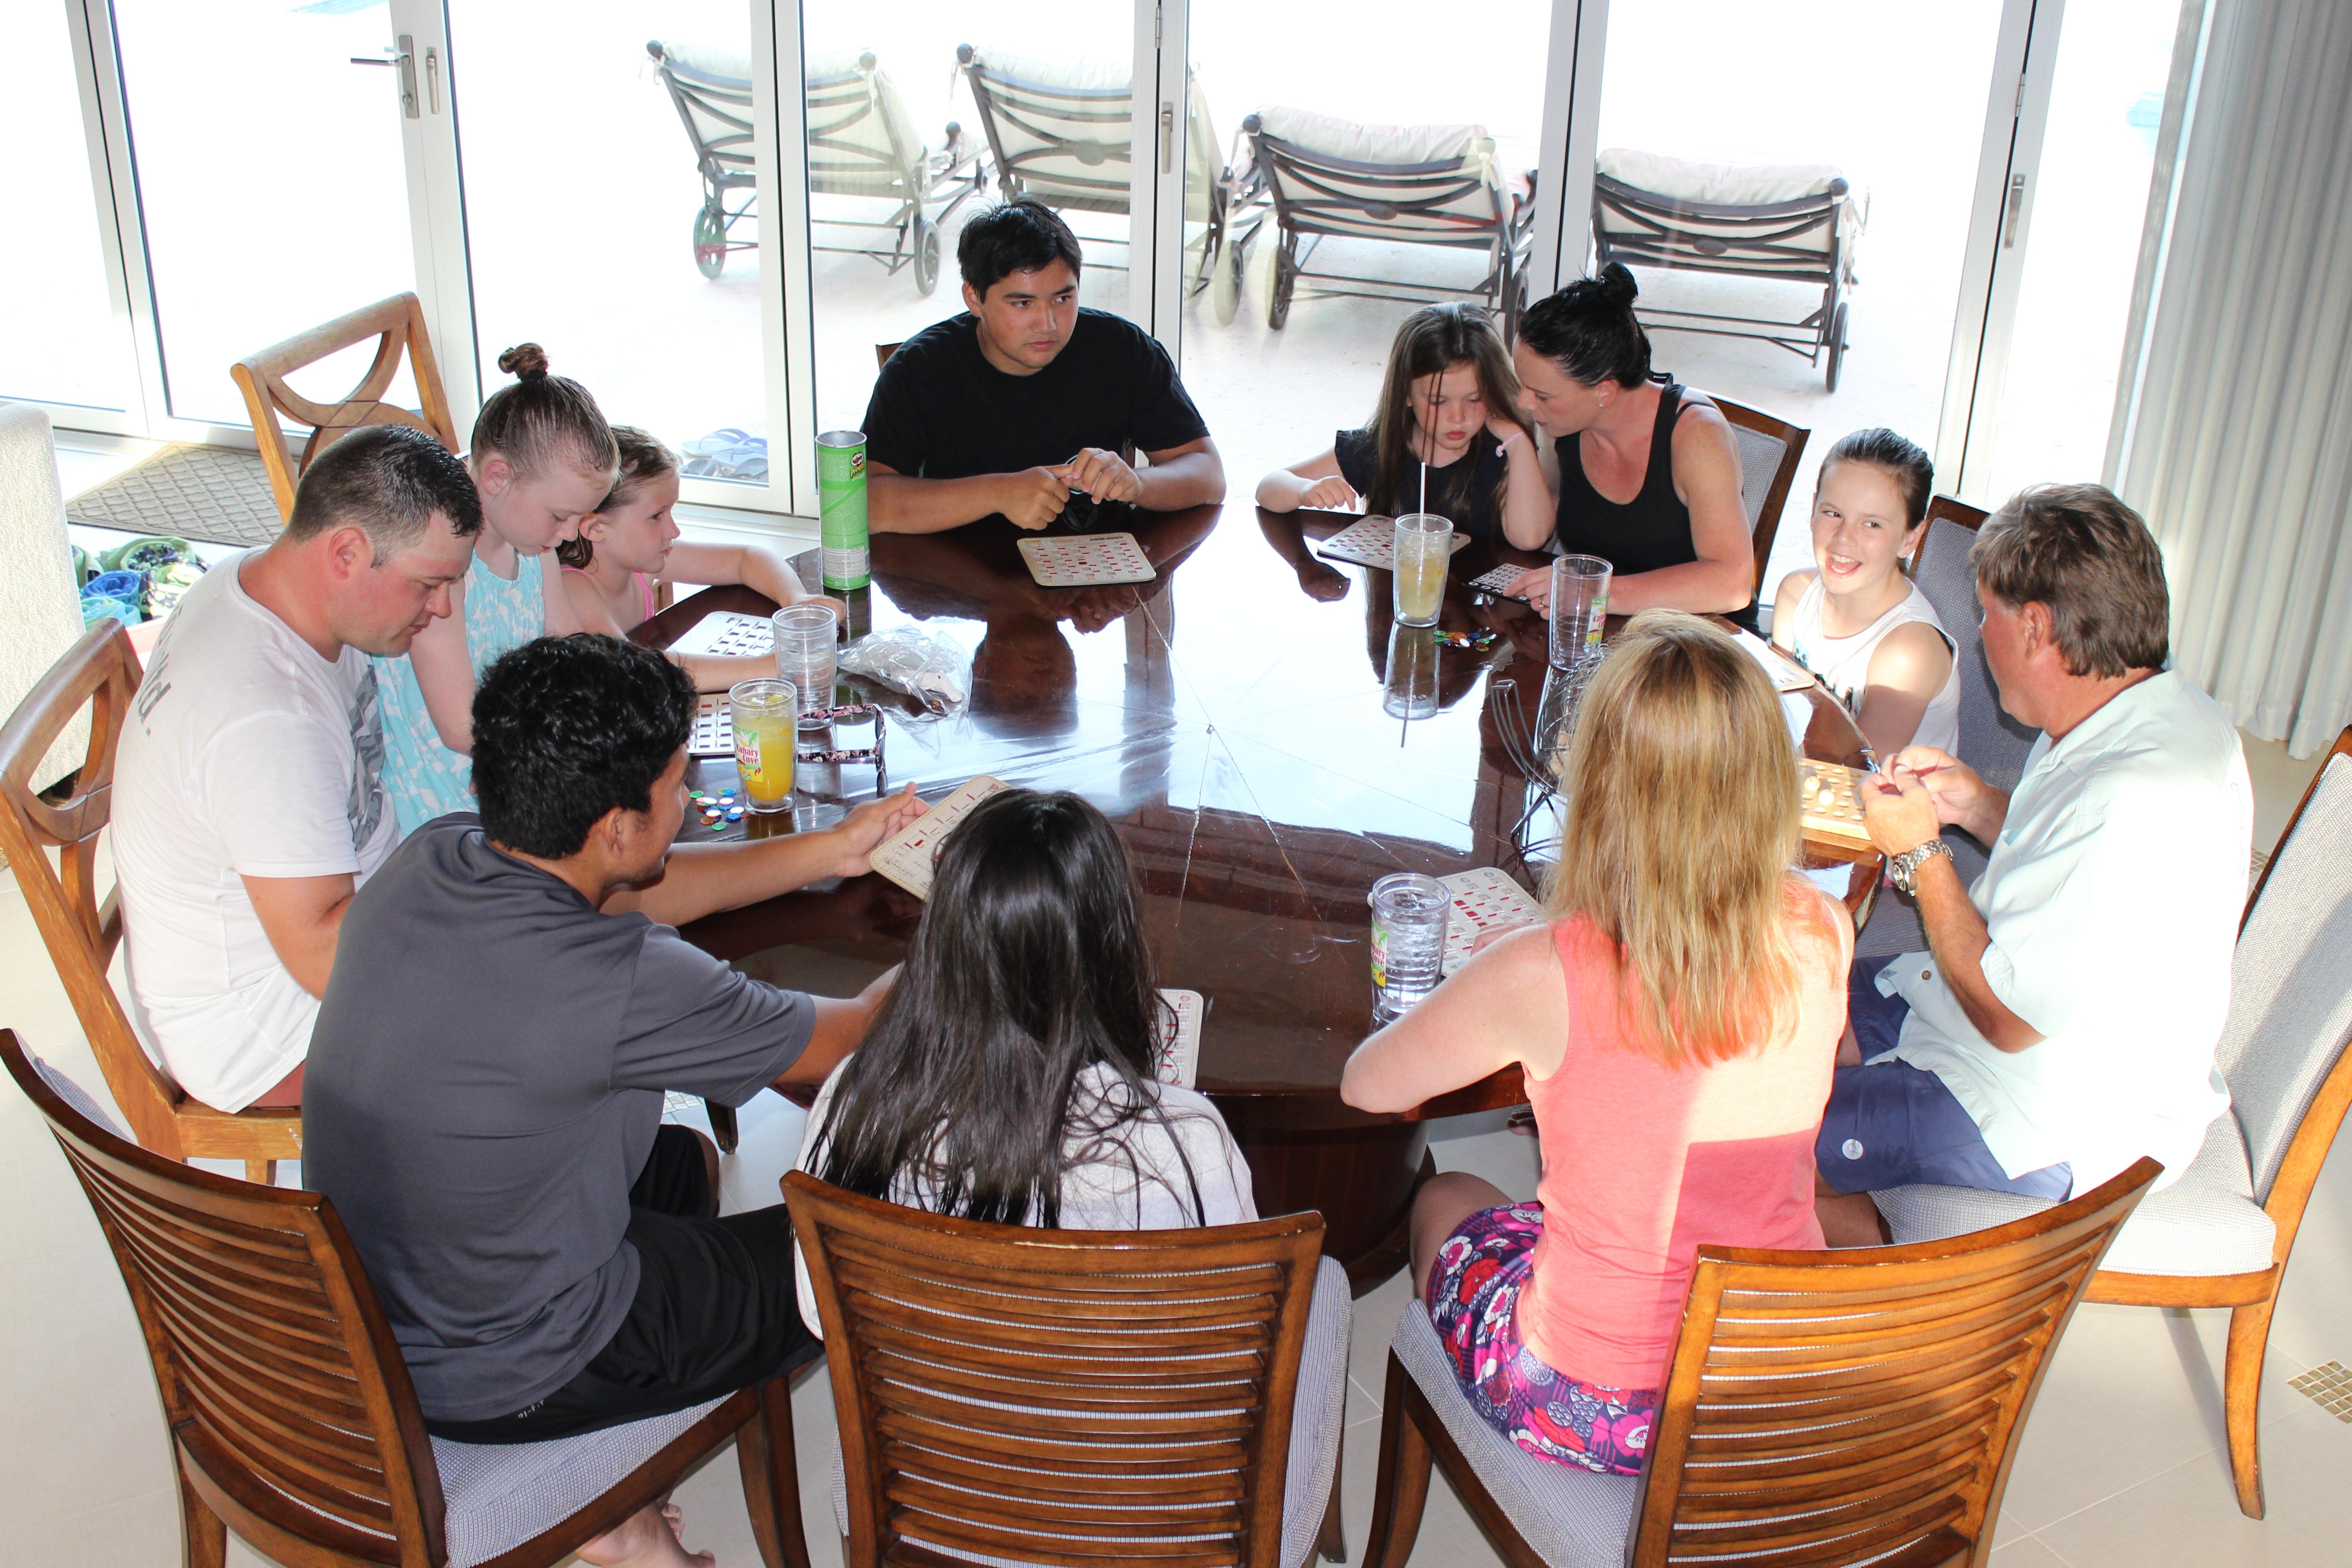 Canary Cove Bingo Fun in the Villa